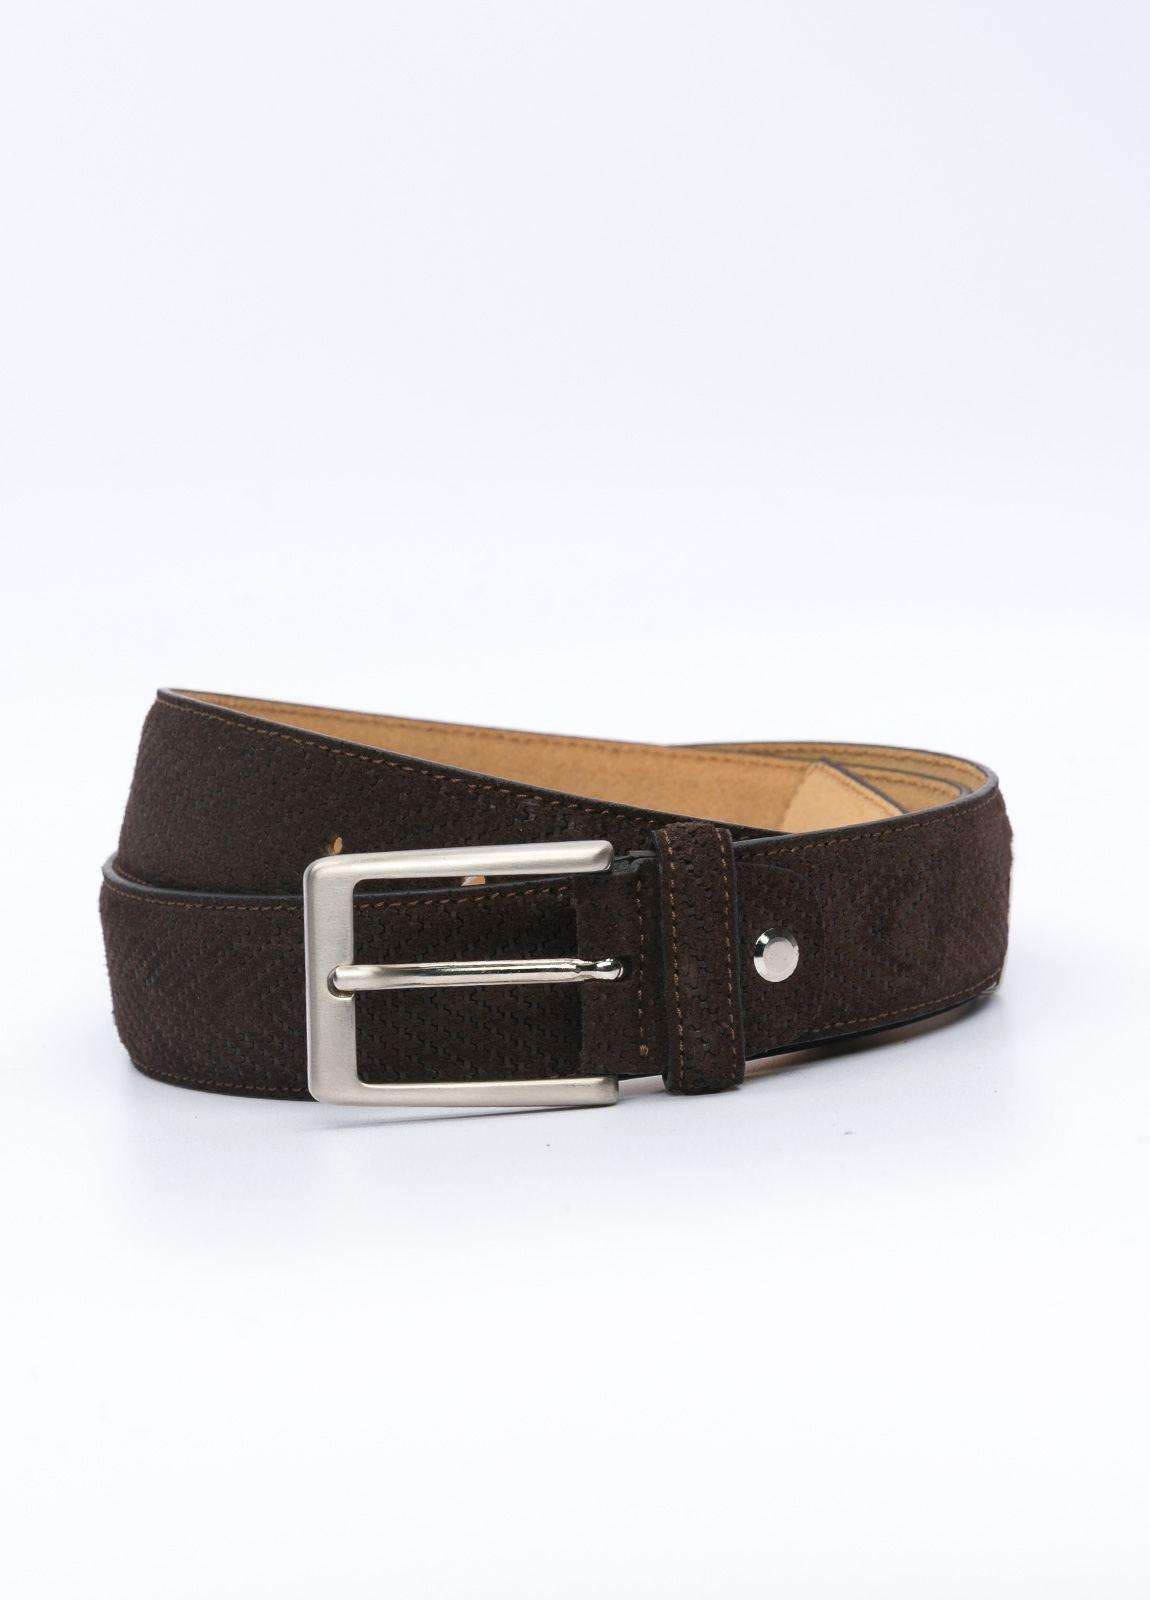 Cinturón Sport grabado color marrón, 100% Serraje.